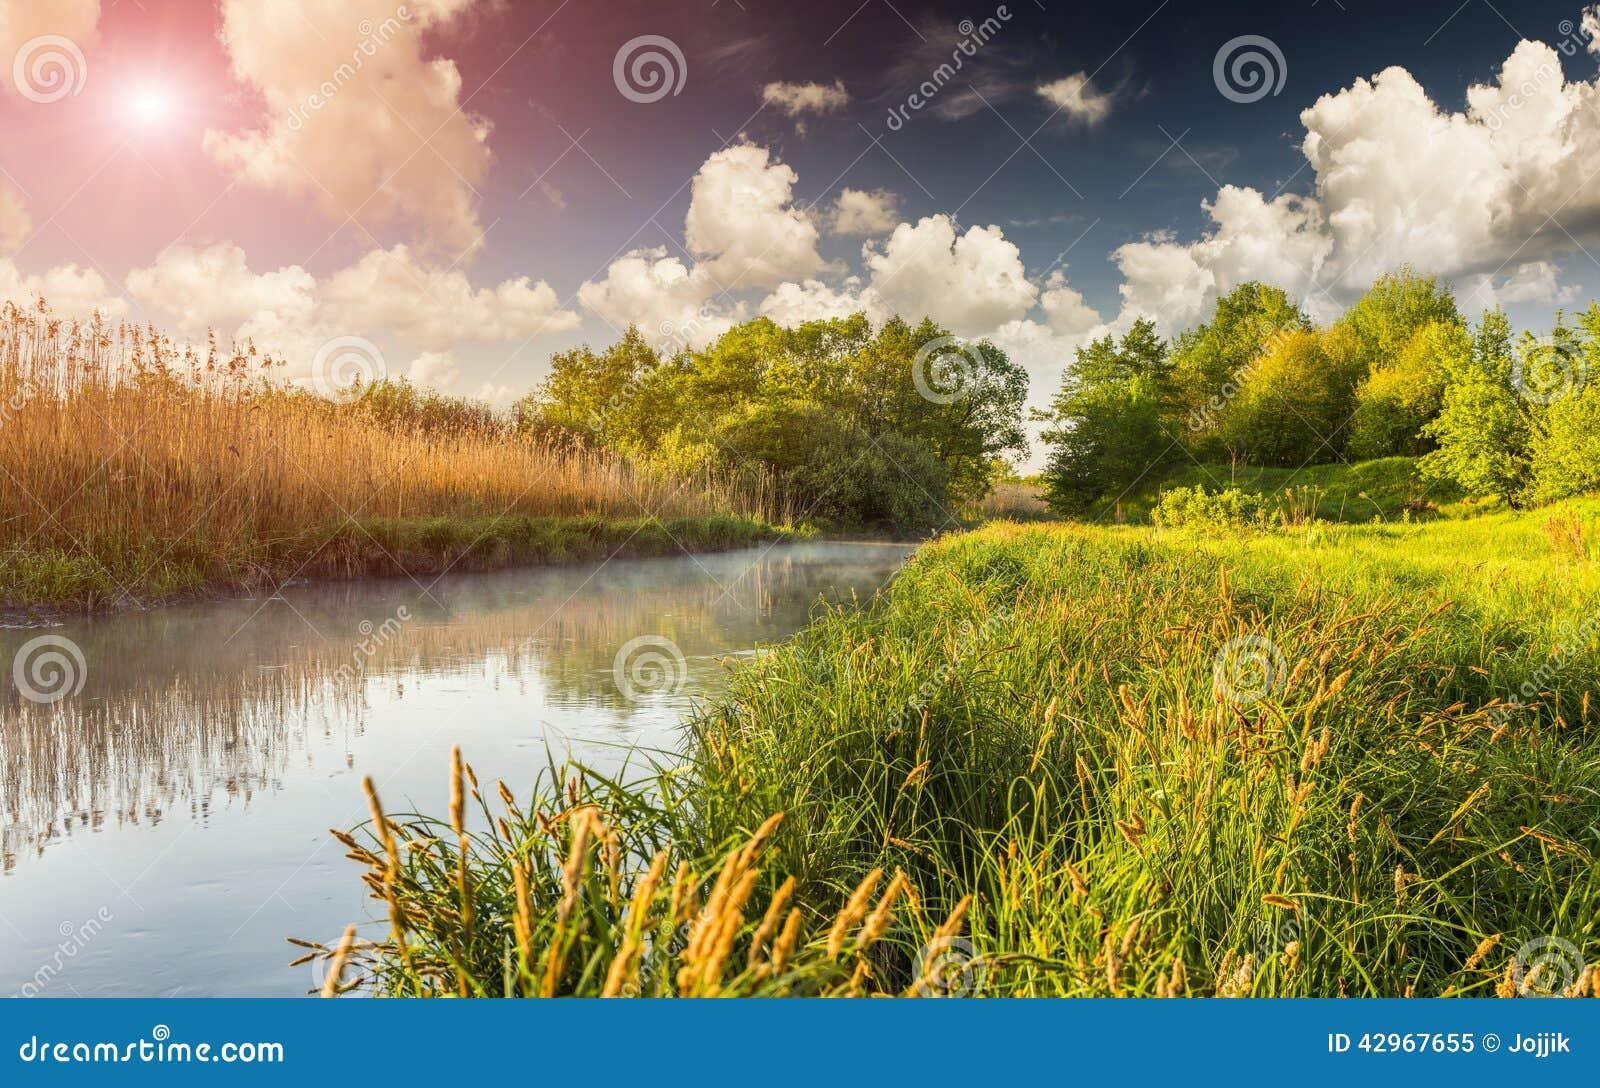 Kolorowy wiosna krajobraz na mglistej rzece